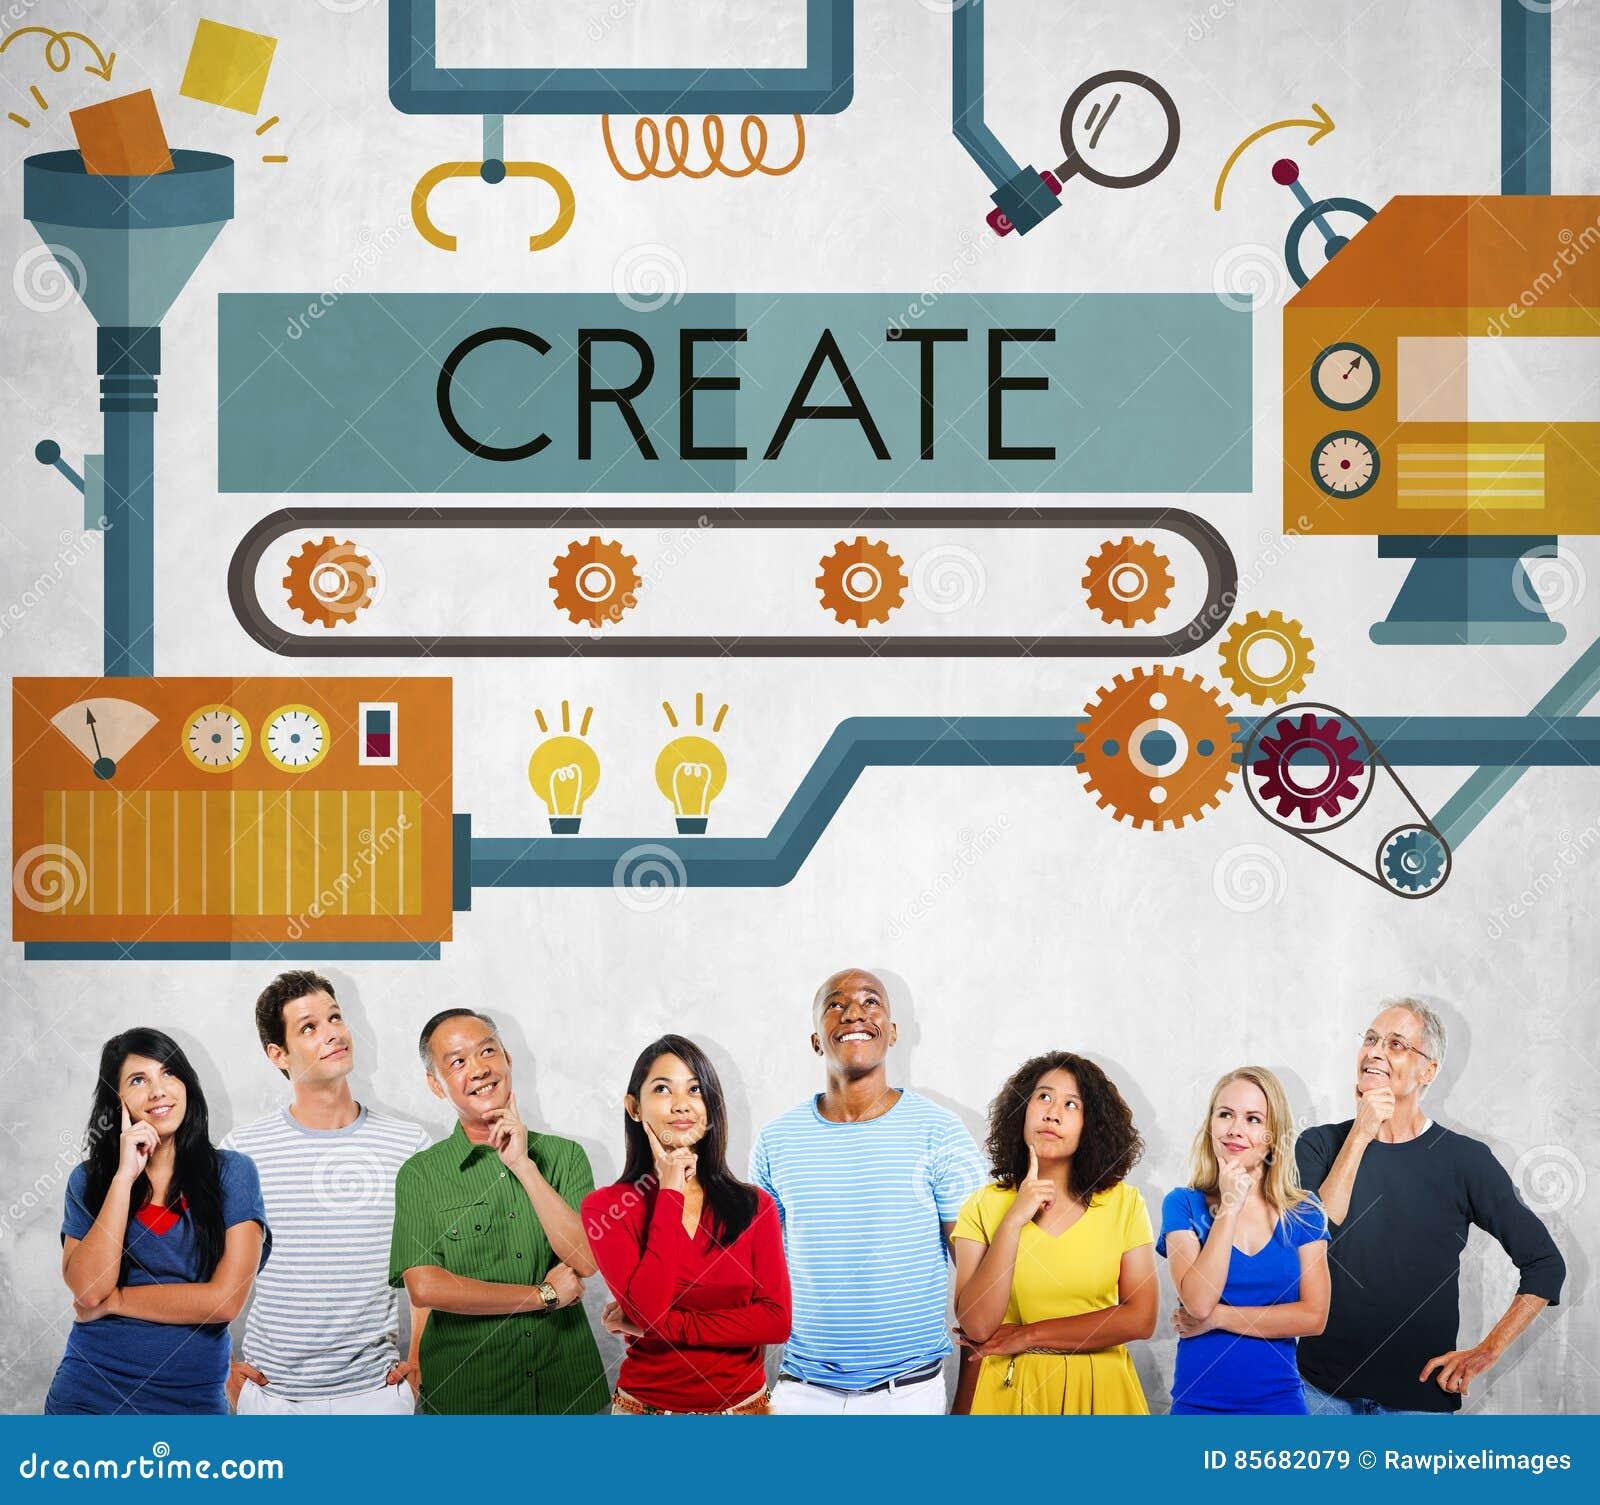 创造创新想象力发展想法概念